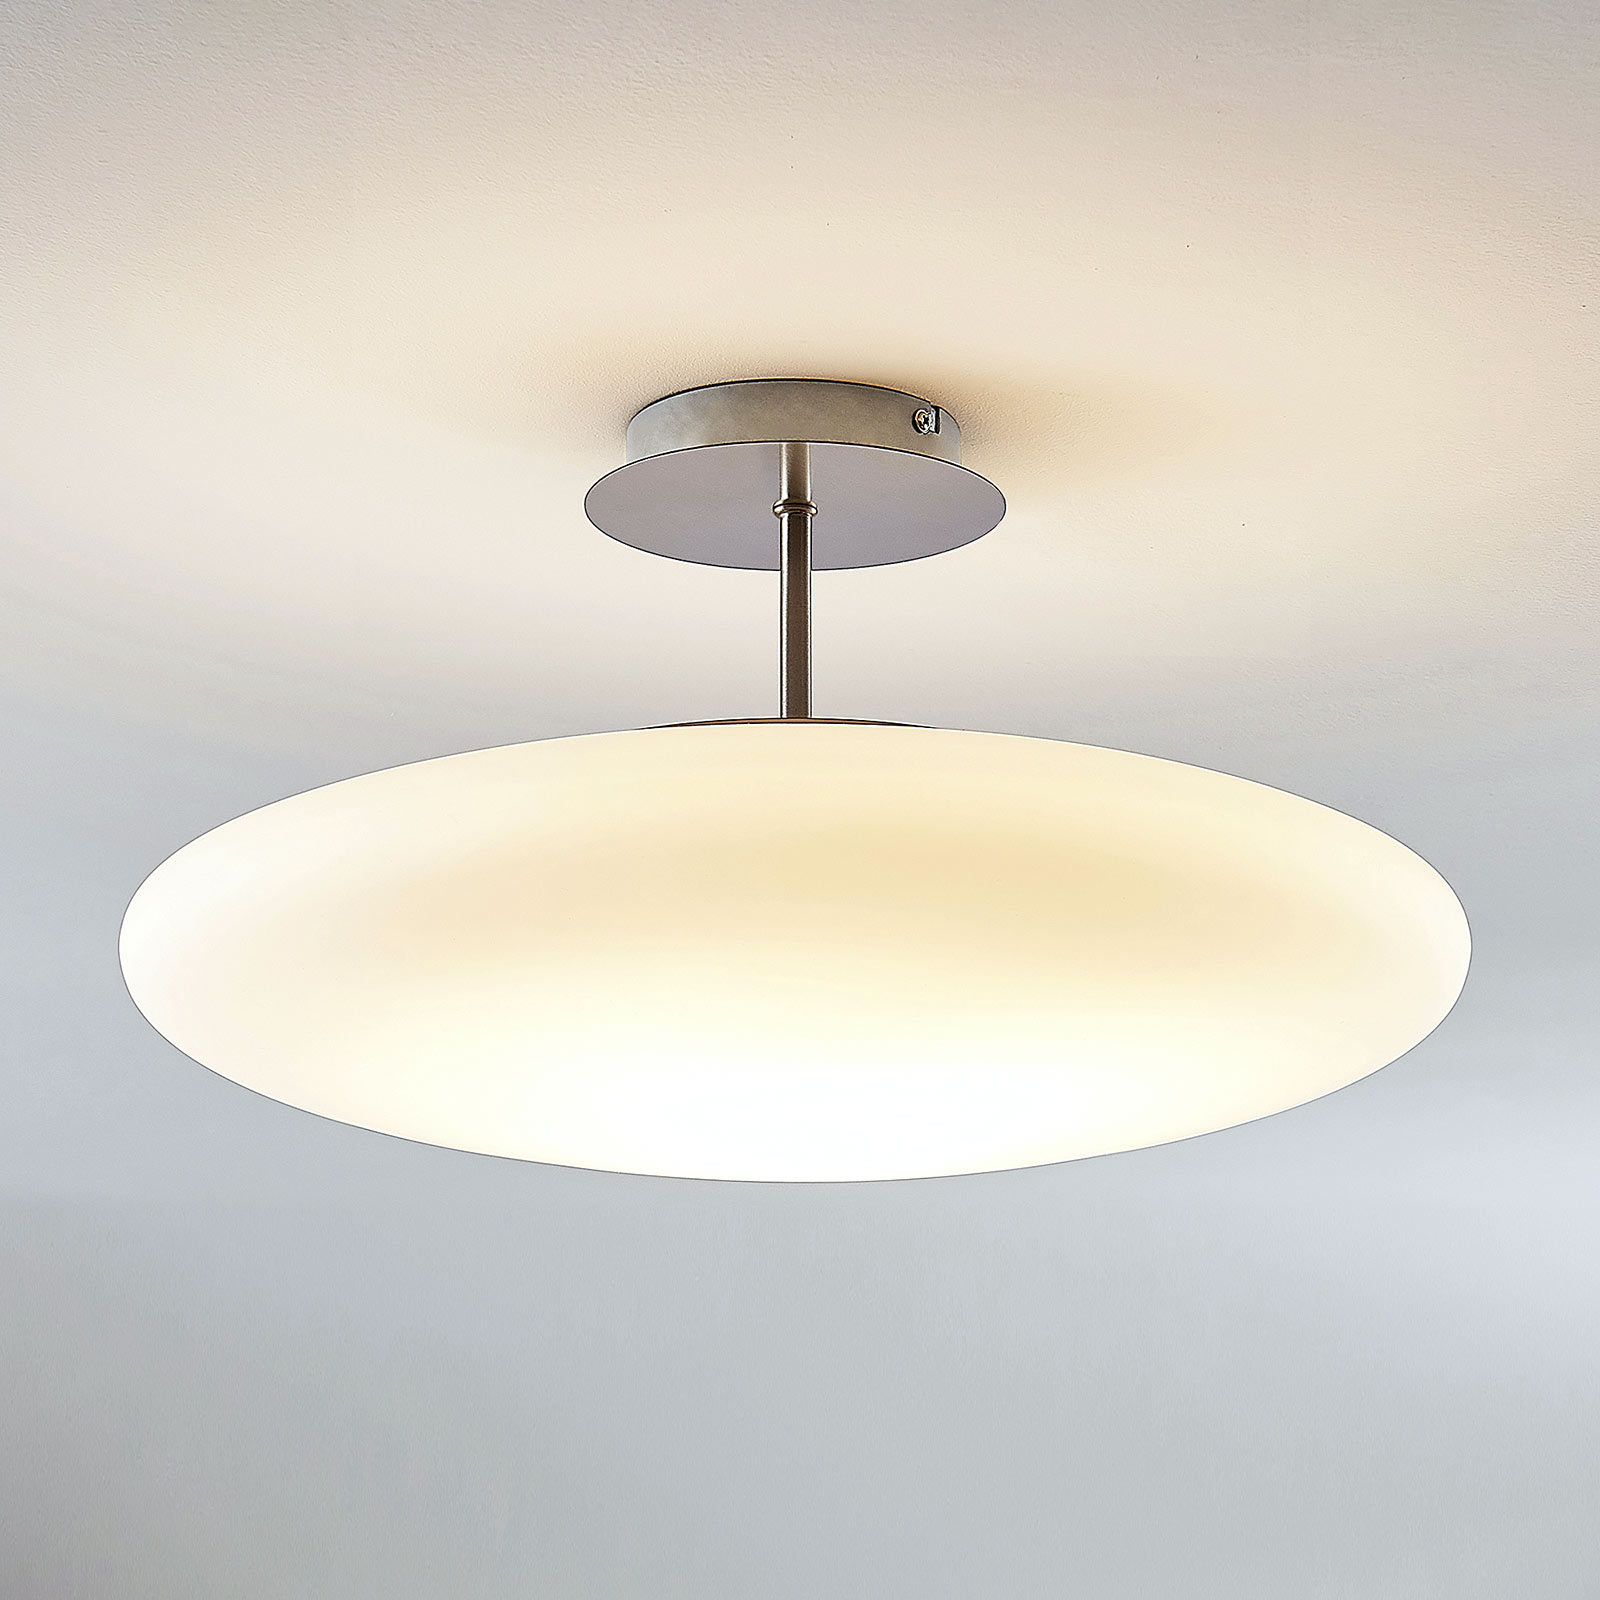 Lampa sufitowa opalowa LED Gunda w kolorze białym